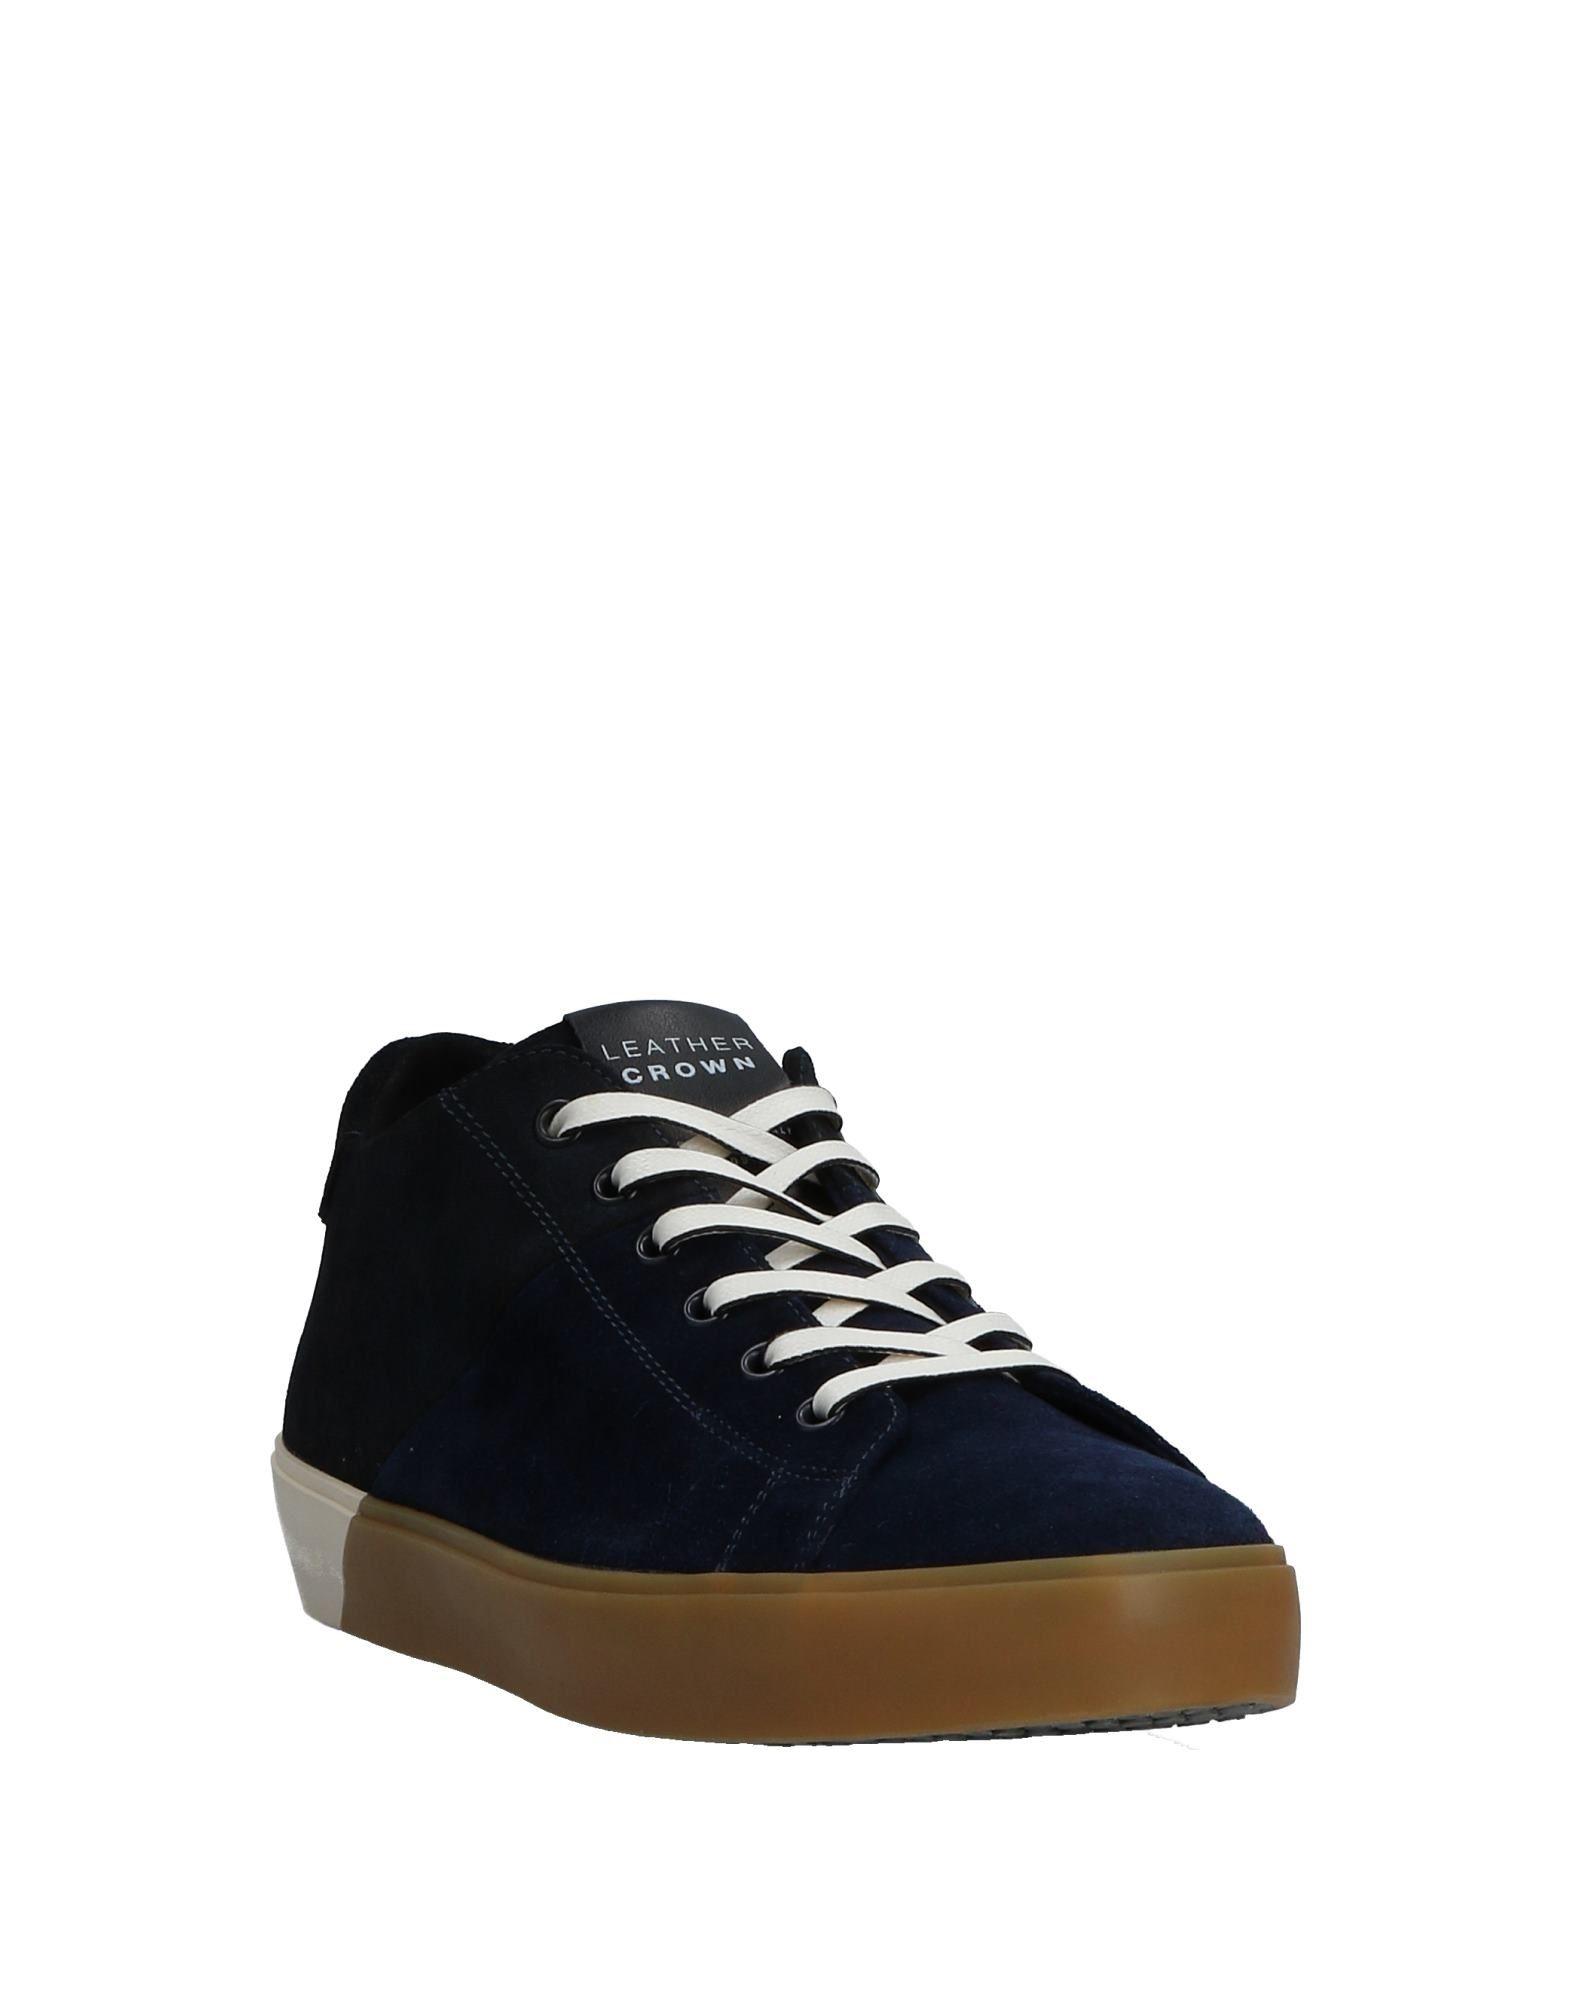 Leather Crown Herren Sneakers Herren Crown  11531737ND 0fa8d8